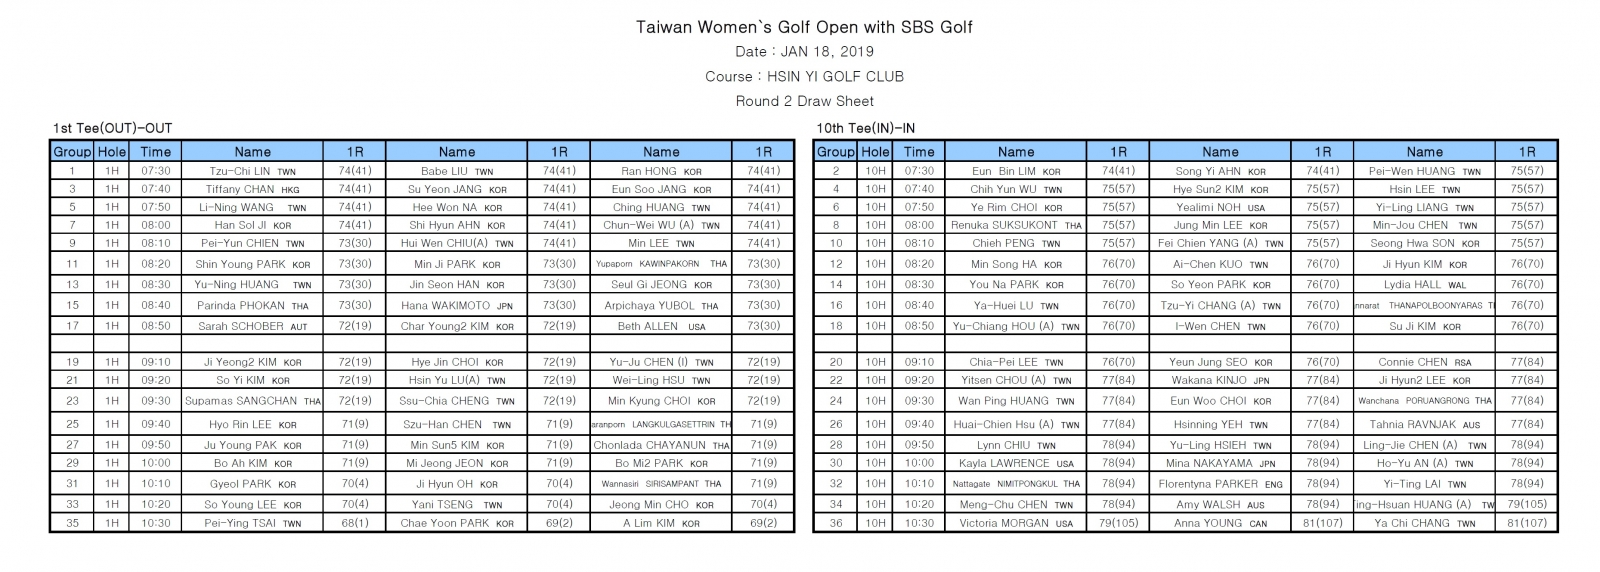 台灣女子公開賽 蔡佩穎力抗韓流1桿領先 高球賽事 Golfdigest高爾夫文摘